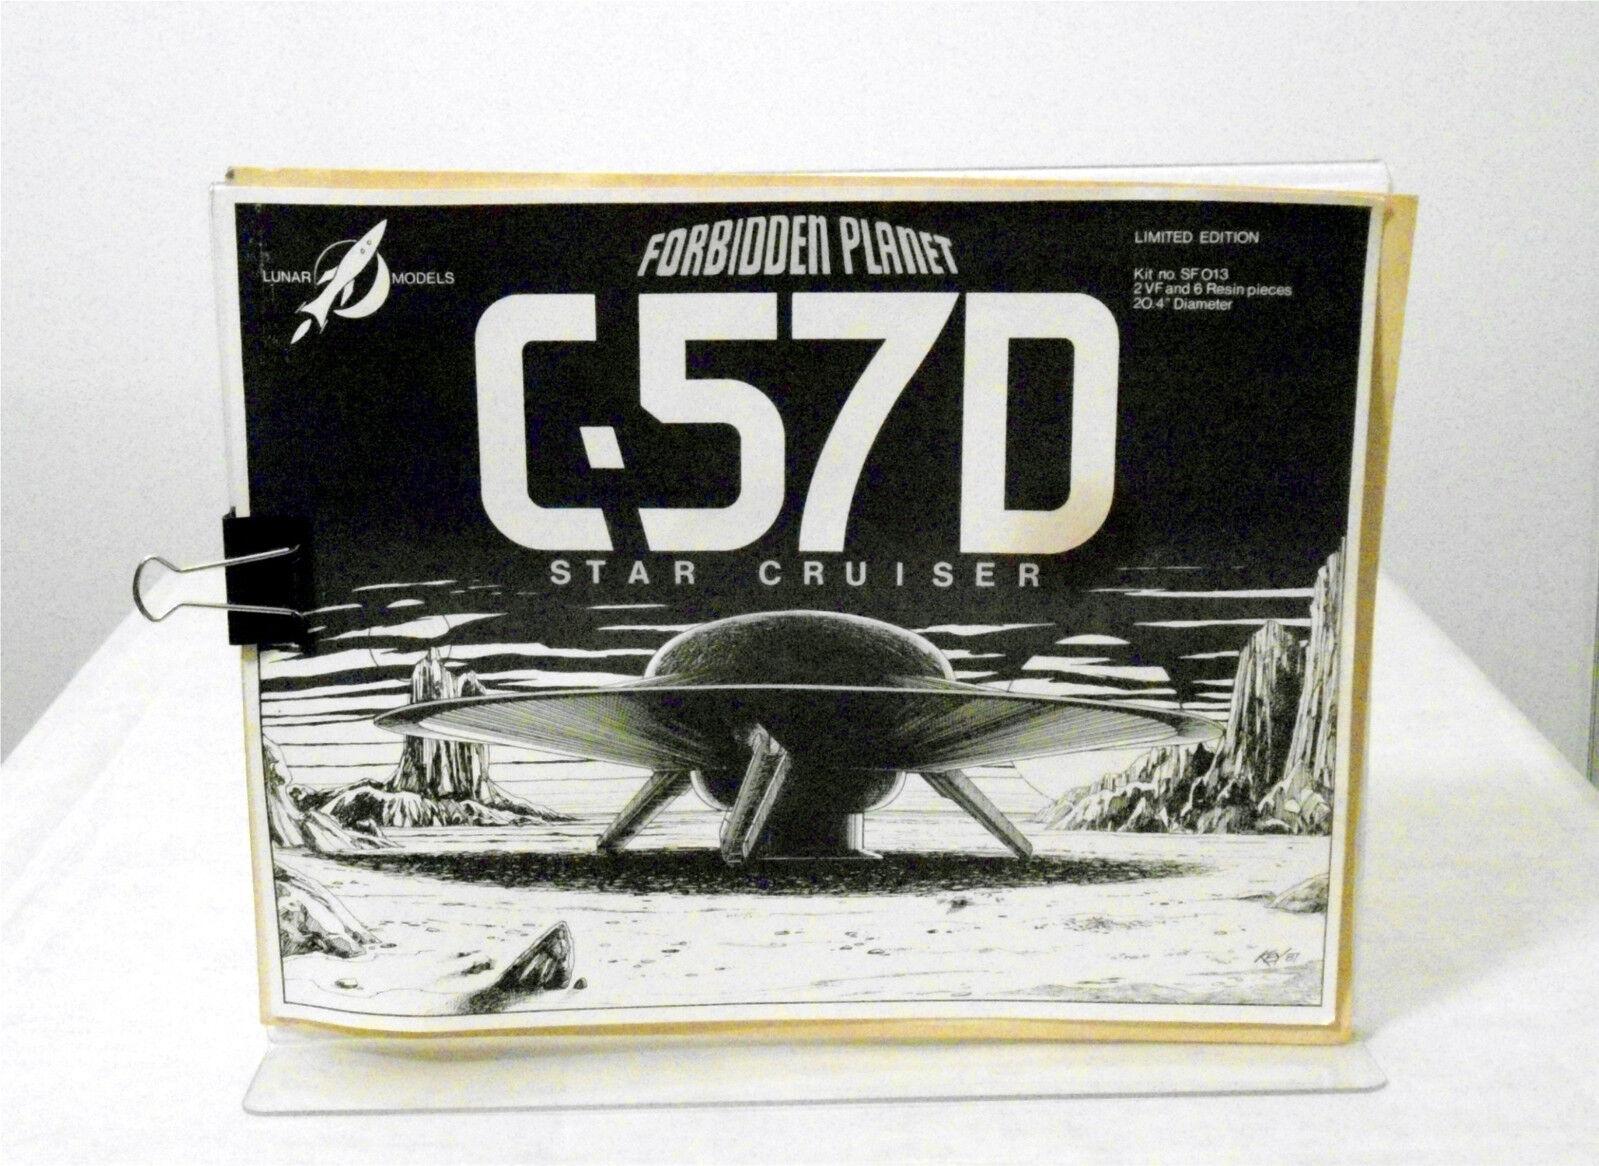 Lunar modellllerlerler Förbjudna planten C -57D stjärna Cruiser Vacuforming modellllerlerl kit